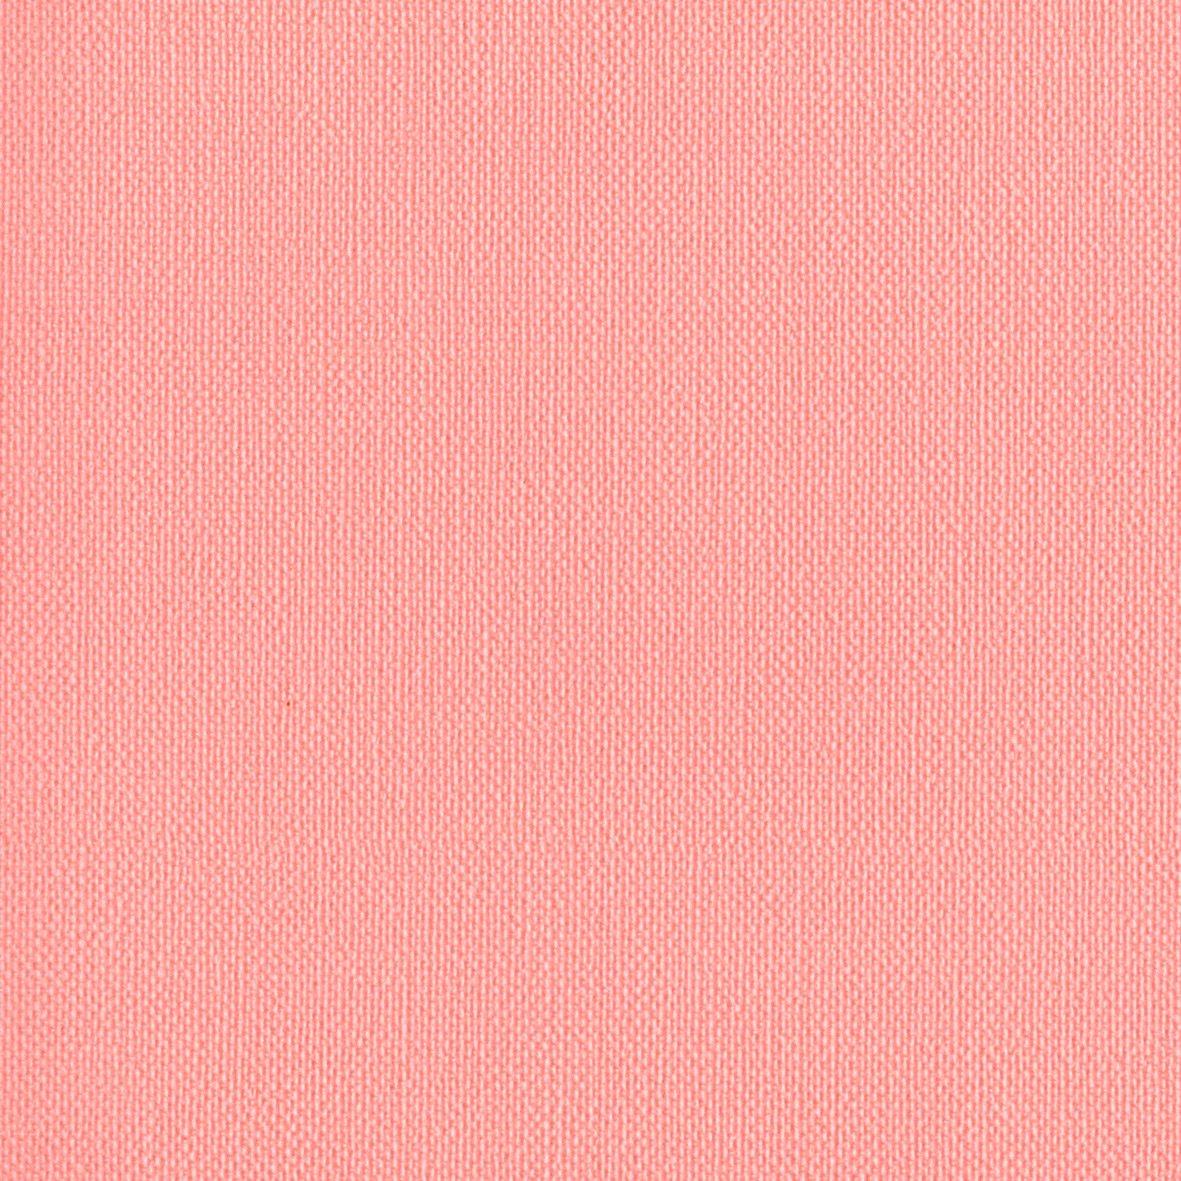 リリカラ 壁紙41m ナチュラル 石目調 ピンク カラーバリエーション LV-6182 B01IHRY576 41m|ピンク